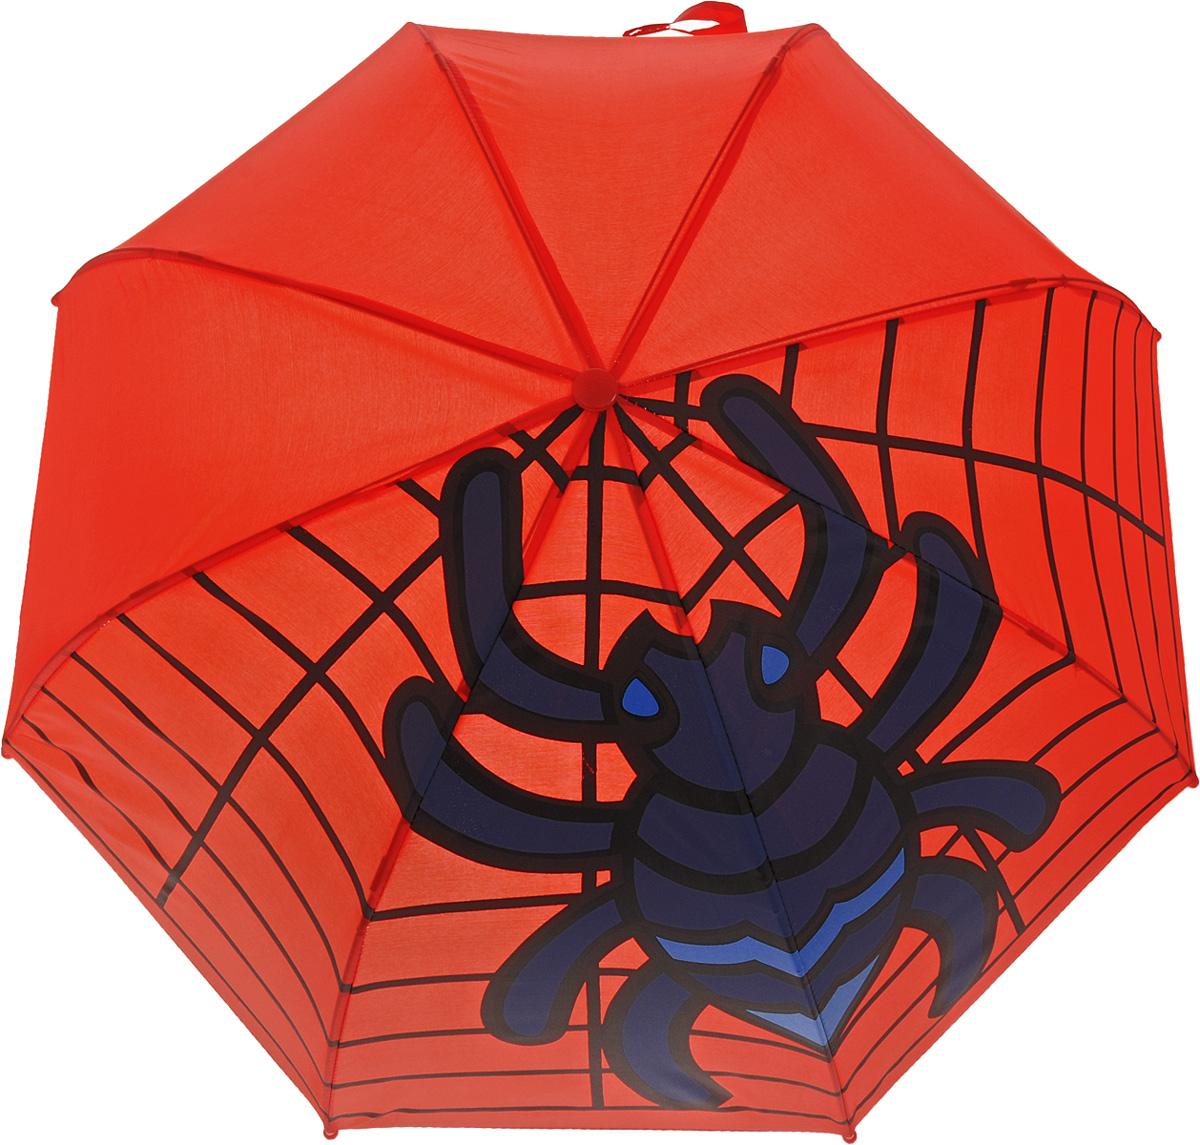 Mary Poppins Зонт-трость детский Паук1003-ZK1268/zДетский зонт-трость Mary Poppins Паук защитит вашего ребенка от непогоды. Зонтик не боится дождя и ветра благодаря прочному креплению купола к каркасу. Купол красного цвета оформлен рисунком большого паука, сидящего на своей паутине. У зонтика механическая система складывания, концы спиц закрыты пластиковыми шариками. Фиксатор для спиц выполнен из пластика. Такой зонтик понравится как мальчикам, так и девочкам. Радиус купола - 46 см.